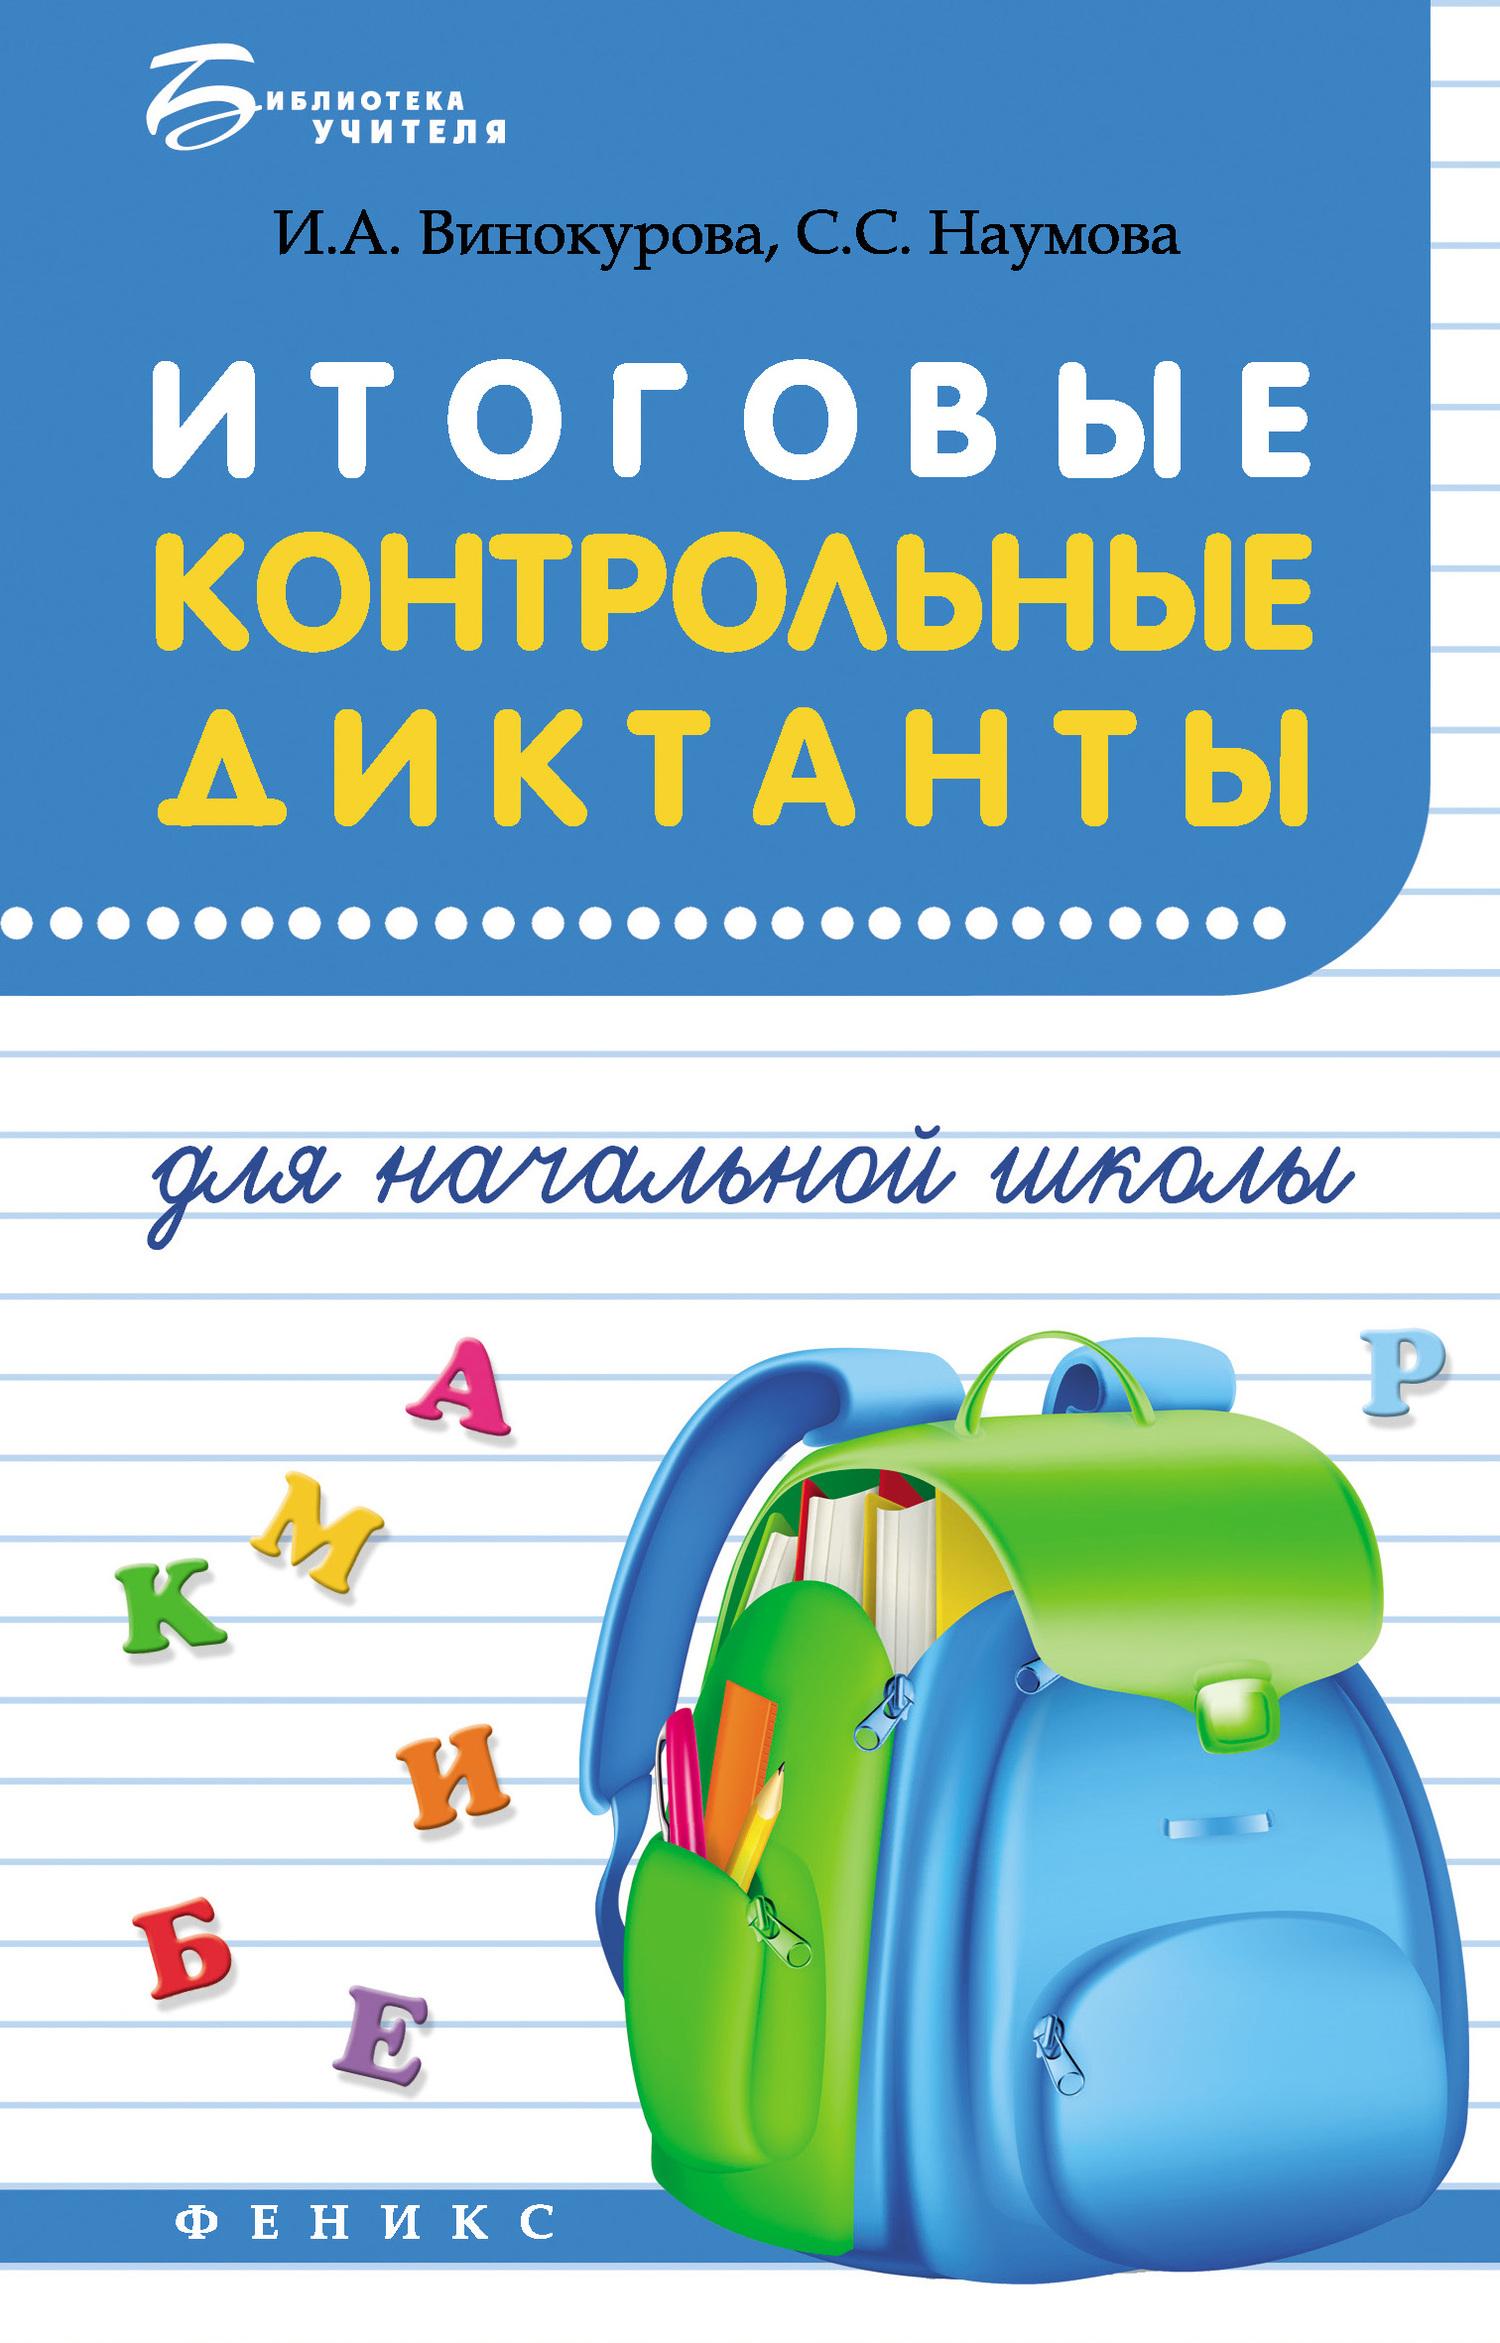 И. А. Винокурова Итоговые контрольные диктанты для начальной школы для школы нужна временная или постоянная регистрация